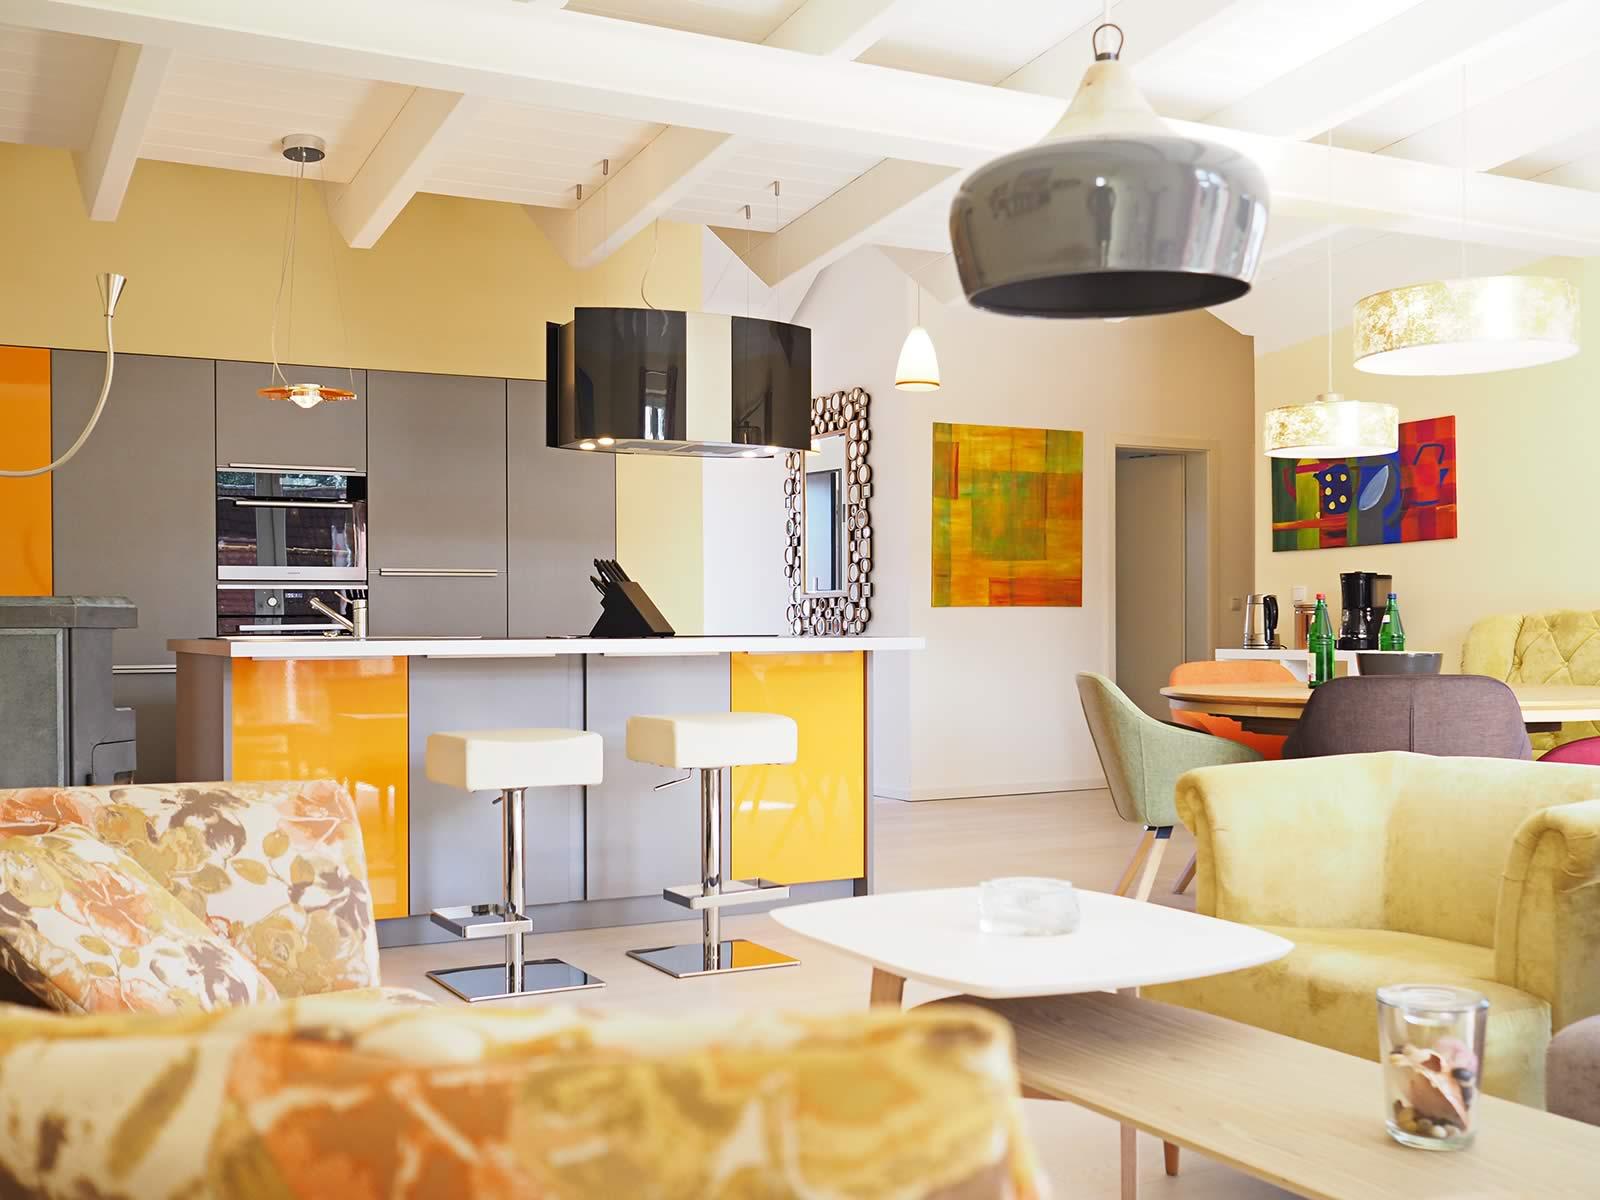 Offene küche mit kücheninsel